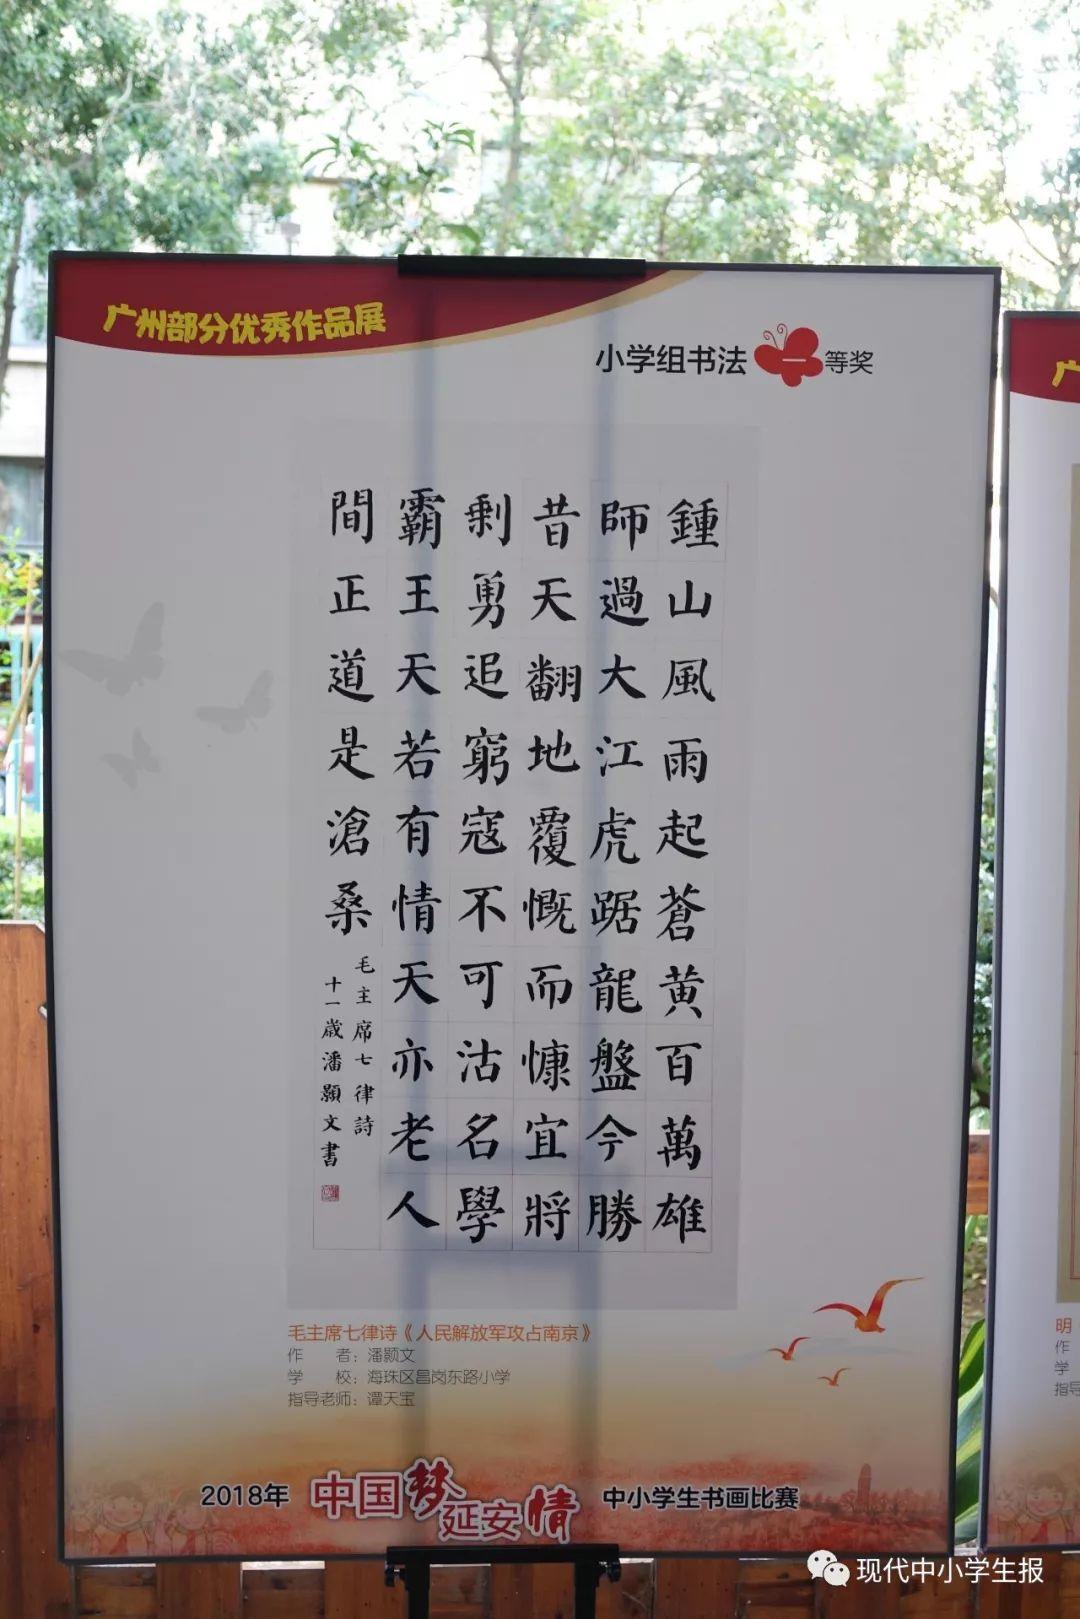 执笔书画中国梦 传递心中延安情